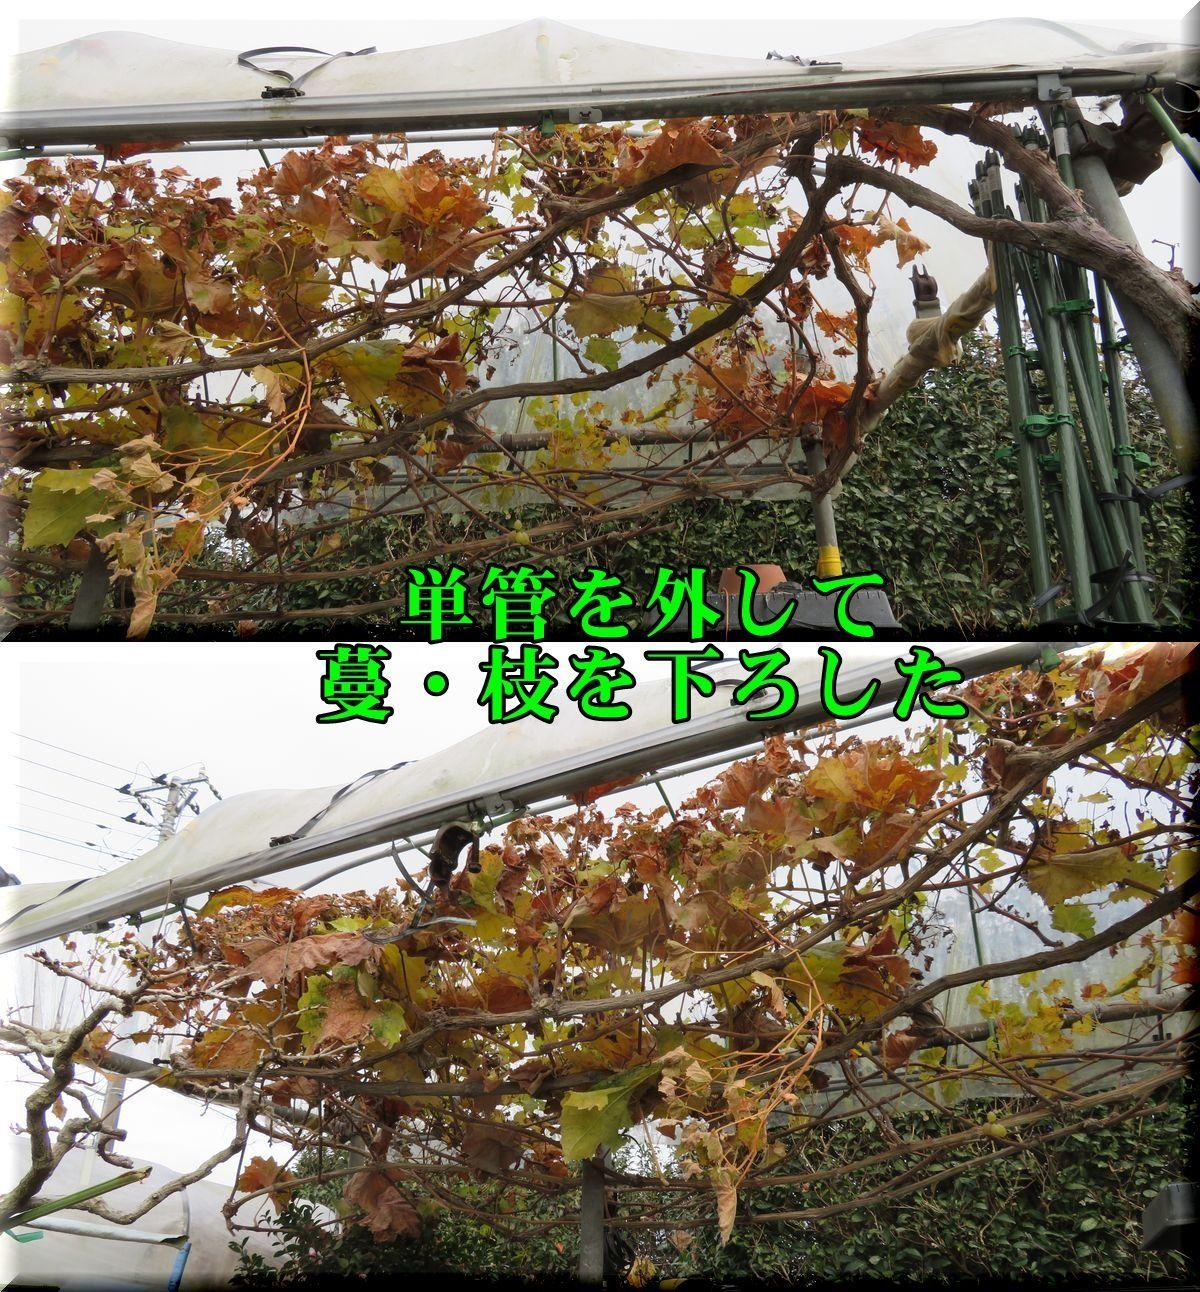 1syainM171224_004.jpg